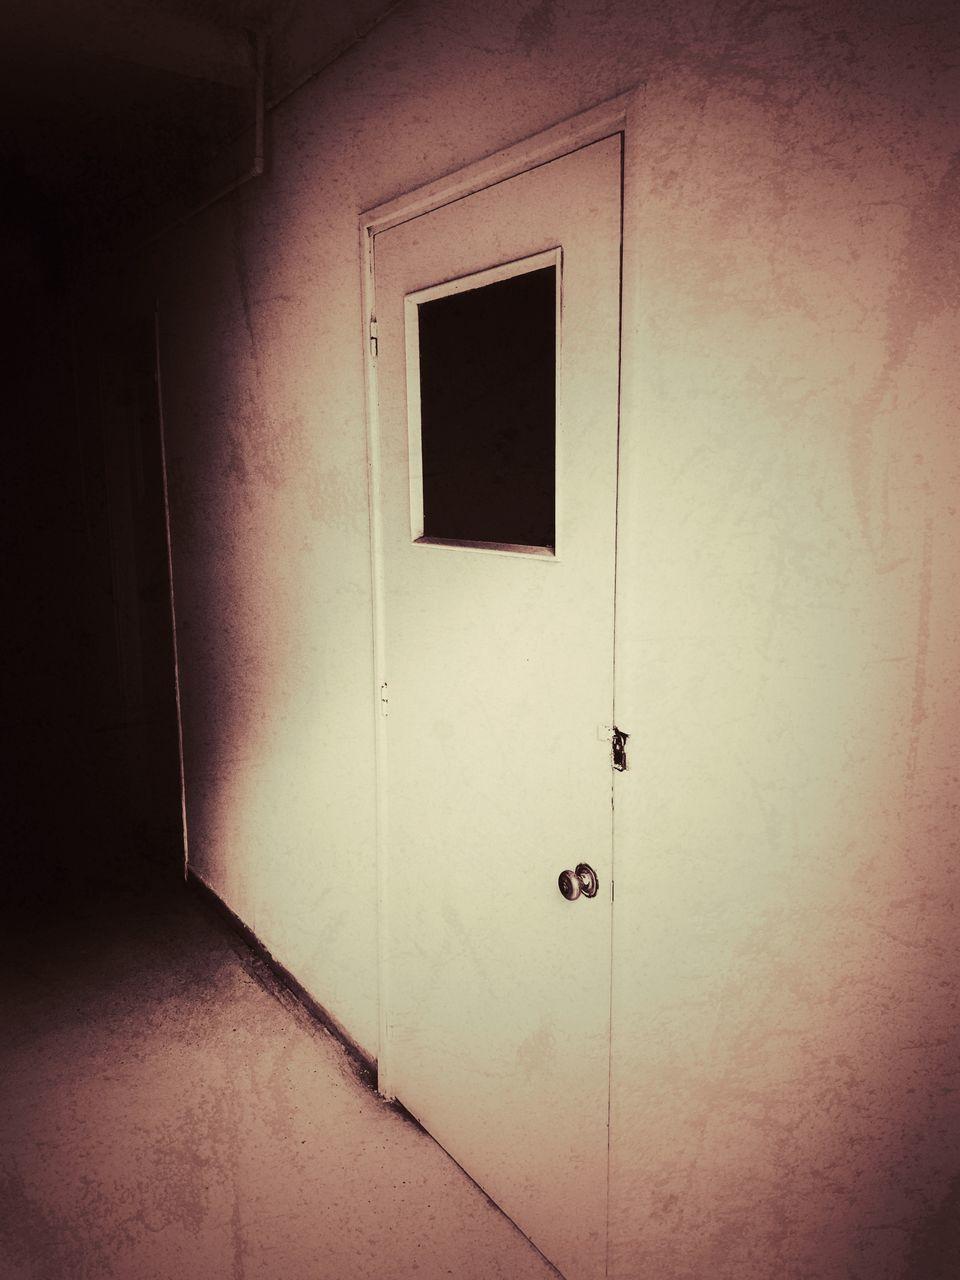 CLOSED DOOR OF WALL